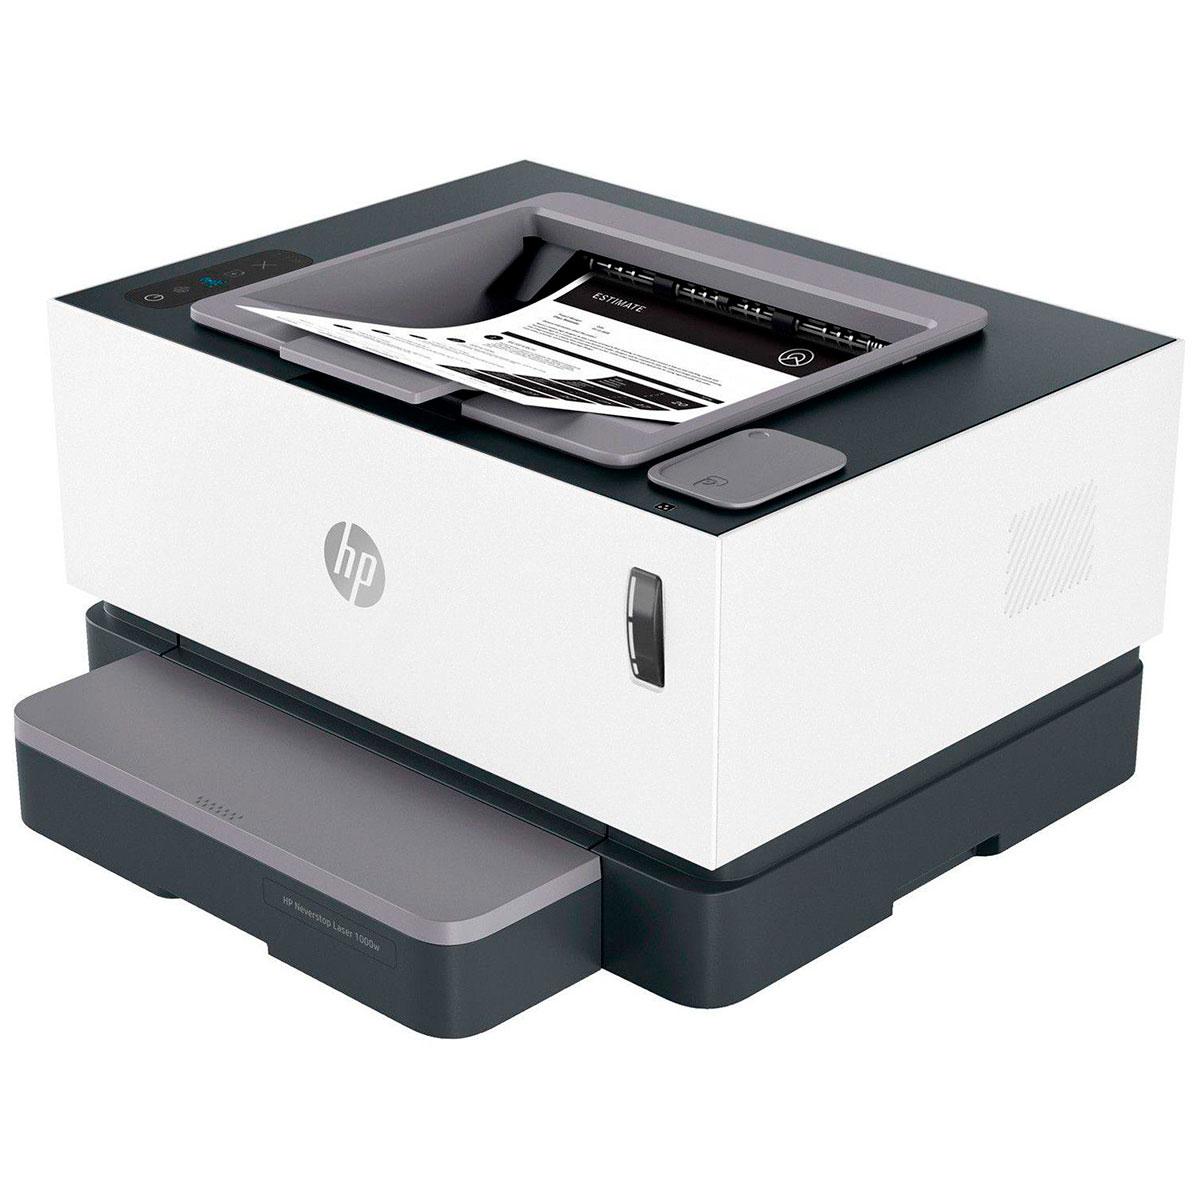 Impressora HP Neverstop Laser Mono 1000W, Monovolt, Tanque de Toner, Wi-Fi - 4RY23A - 110V